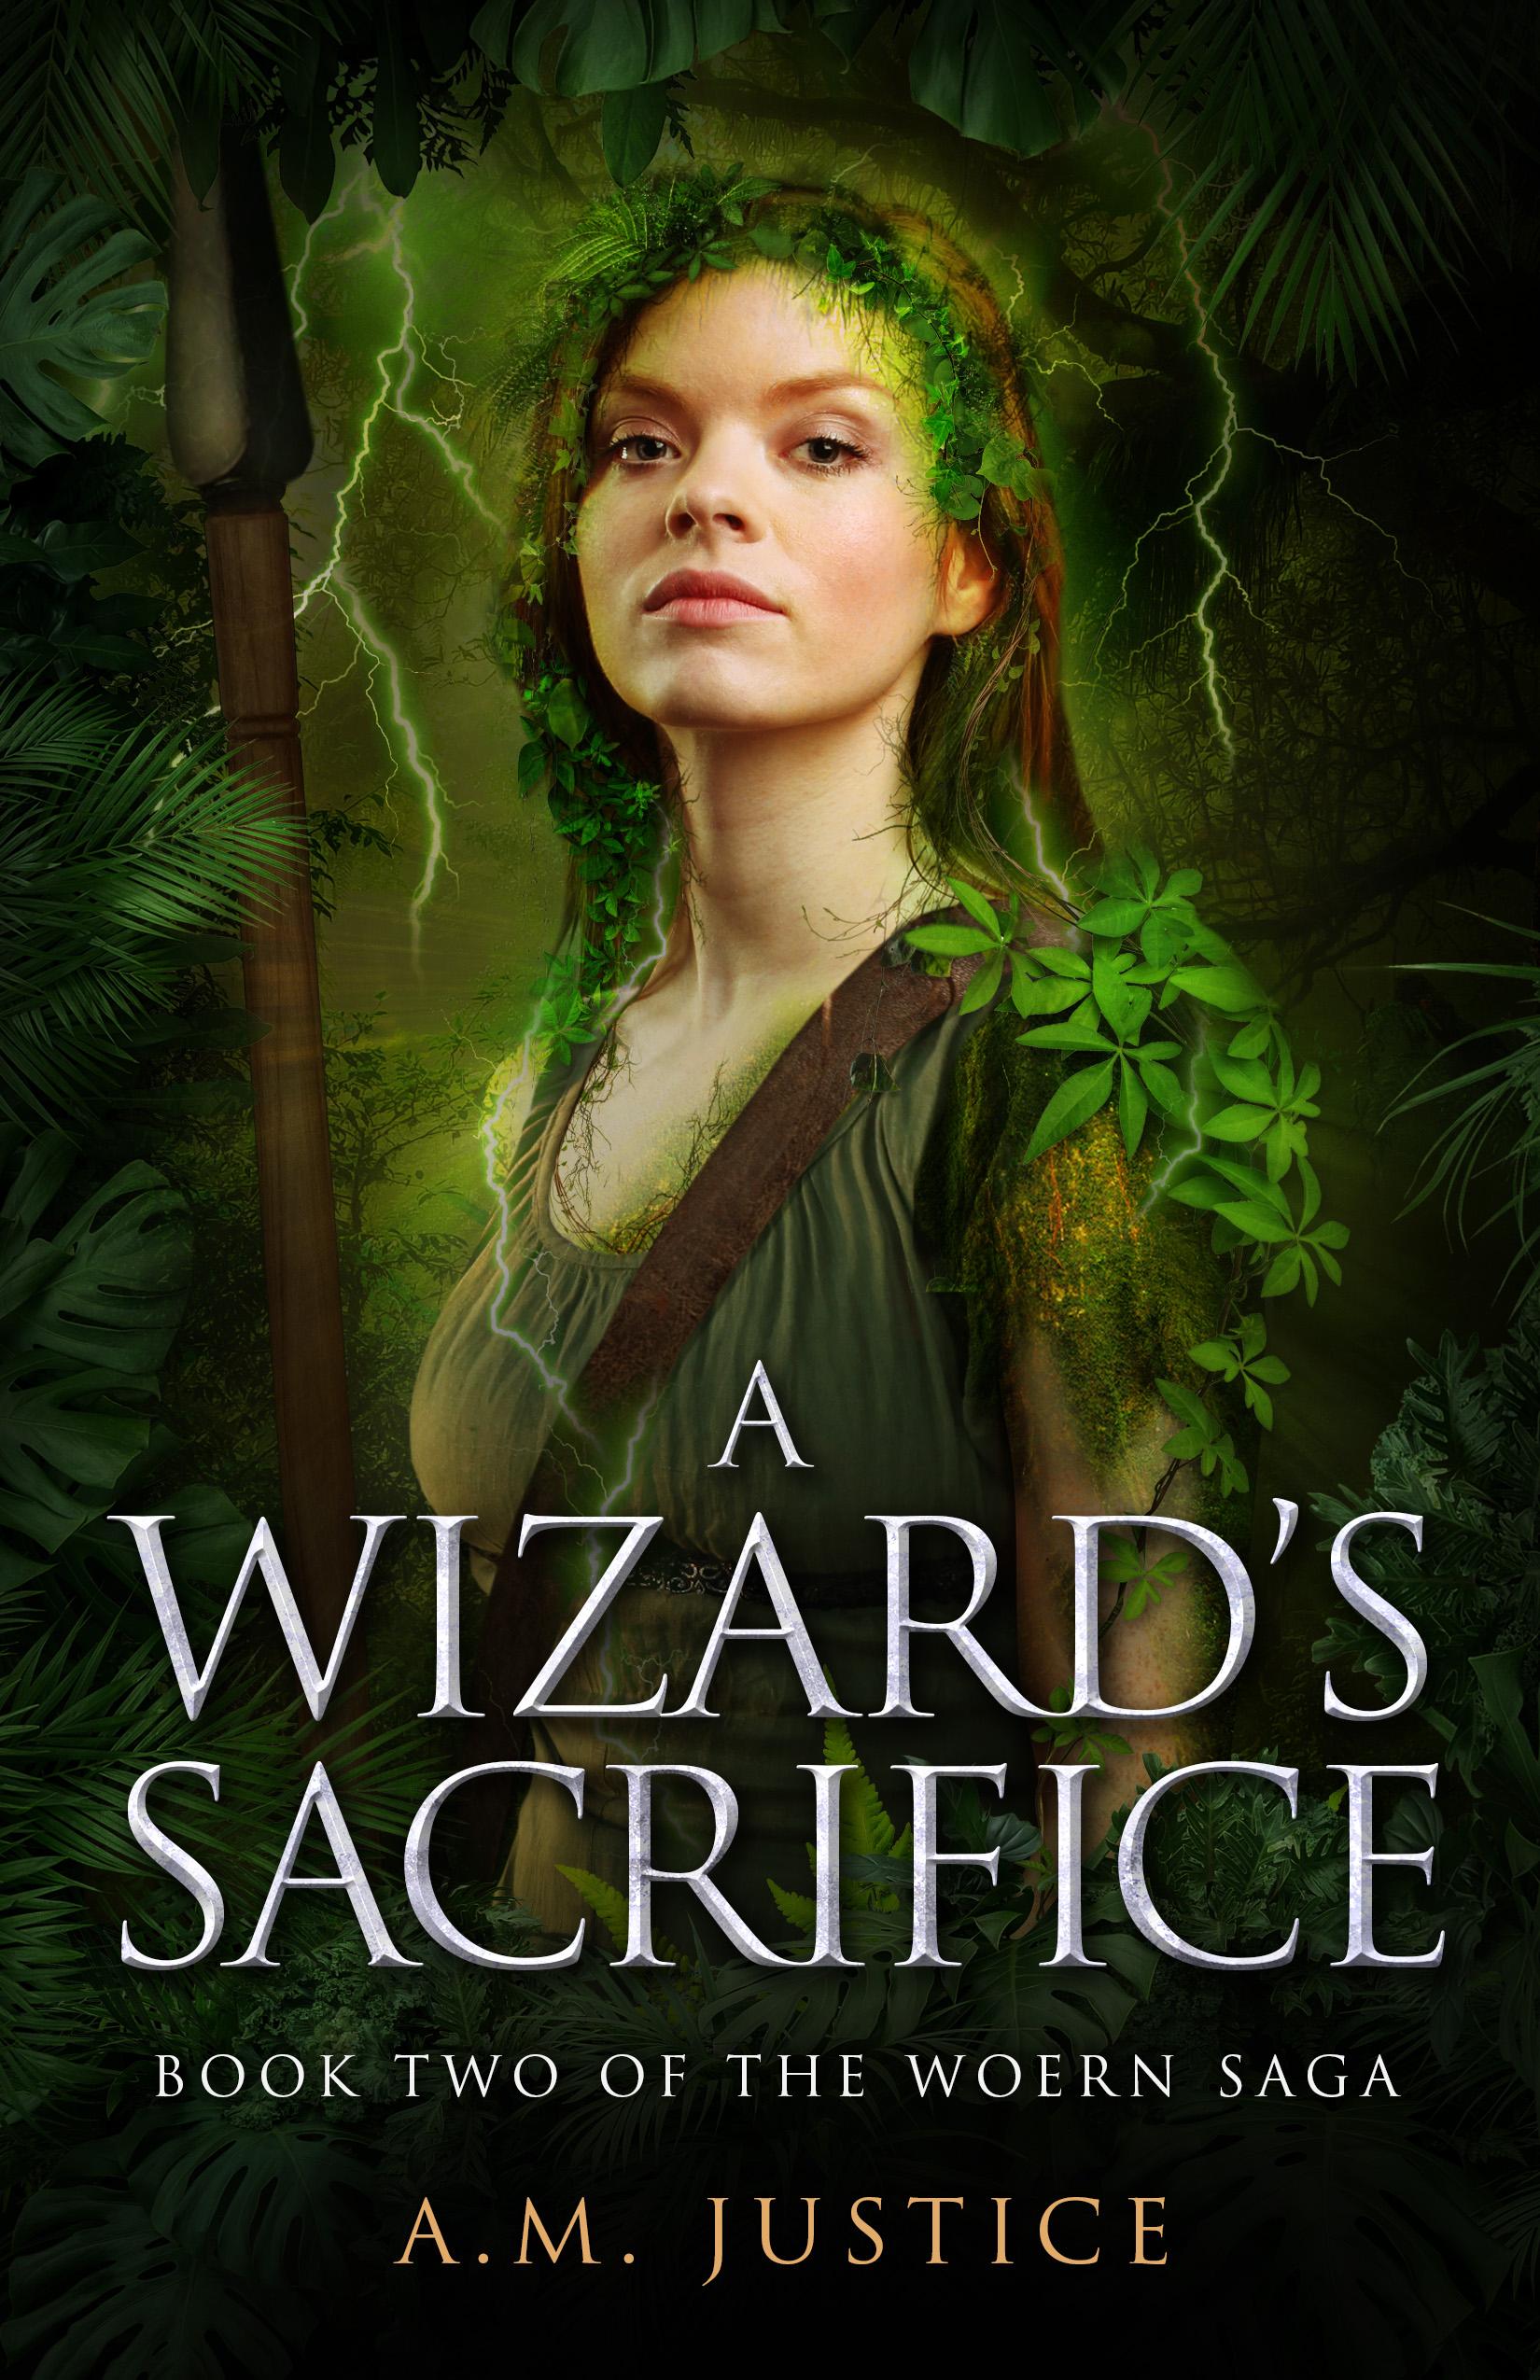 A Wizard's Sacrifice (The Woern Saga, #2)